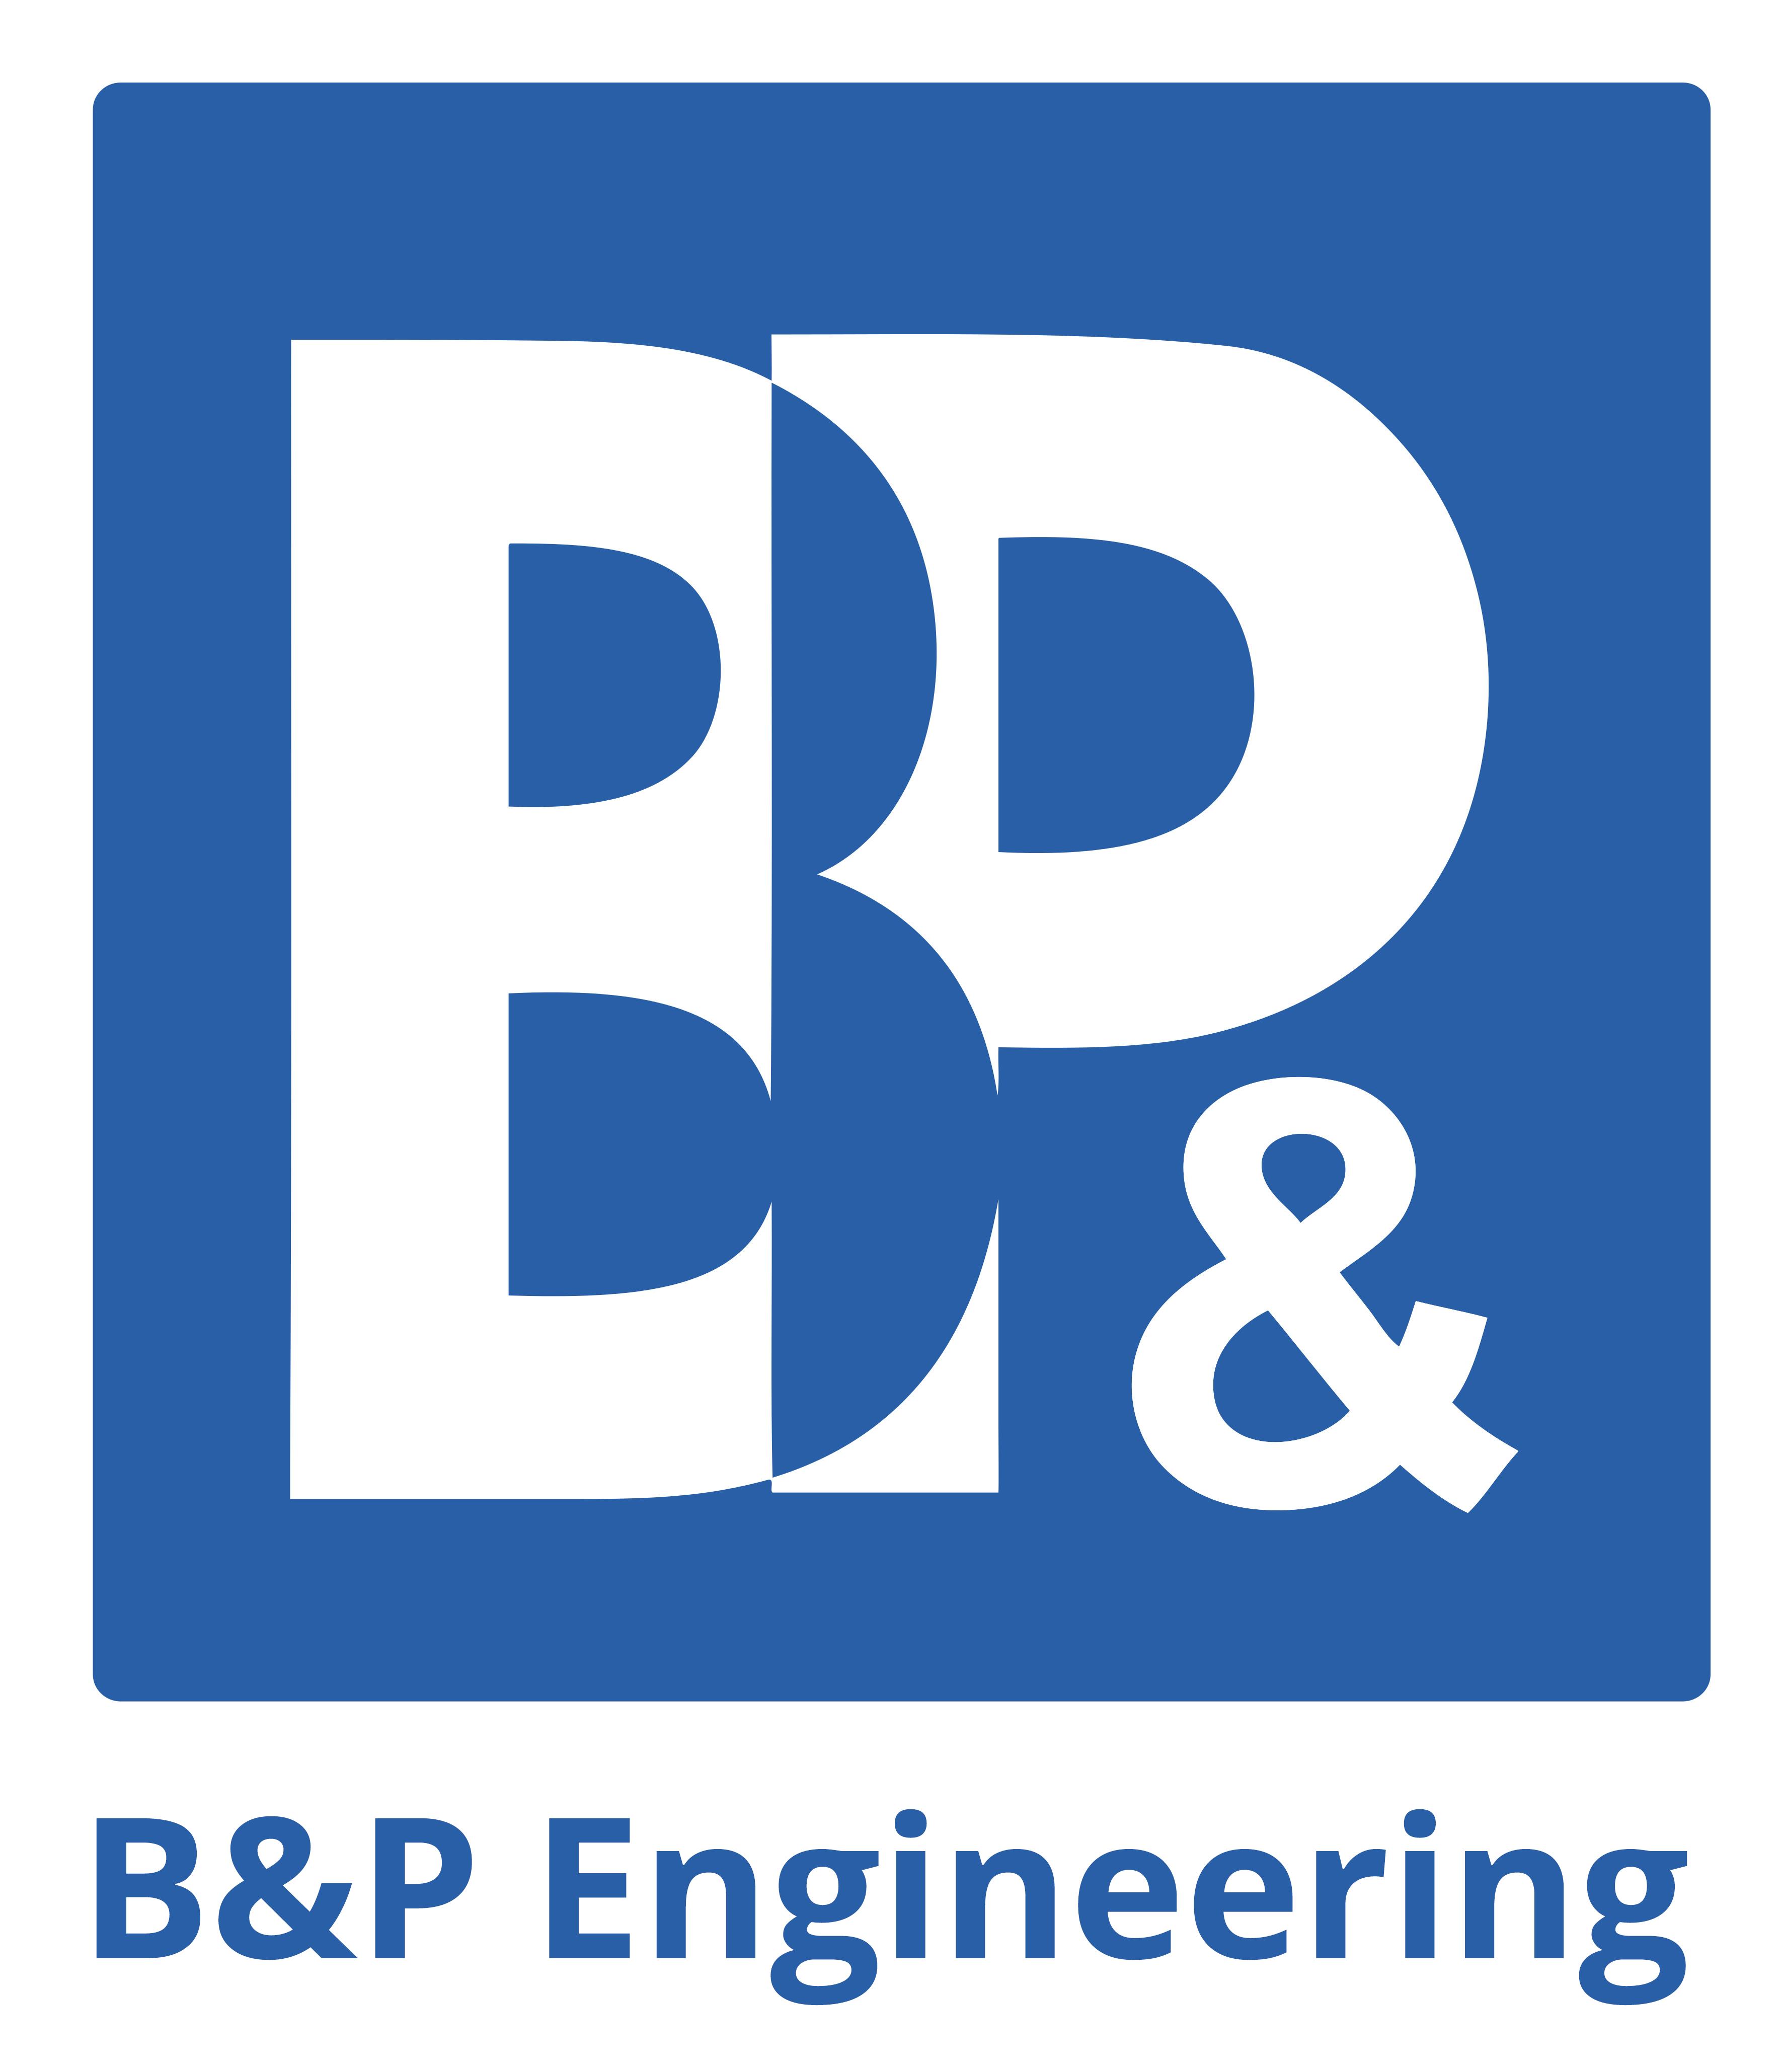 B&P Engineering sp. z o.o. spółka komandytowa